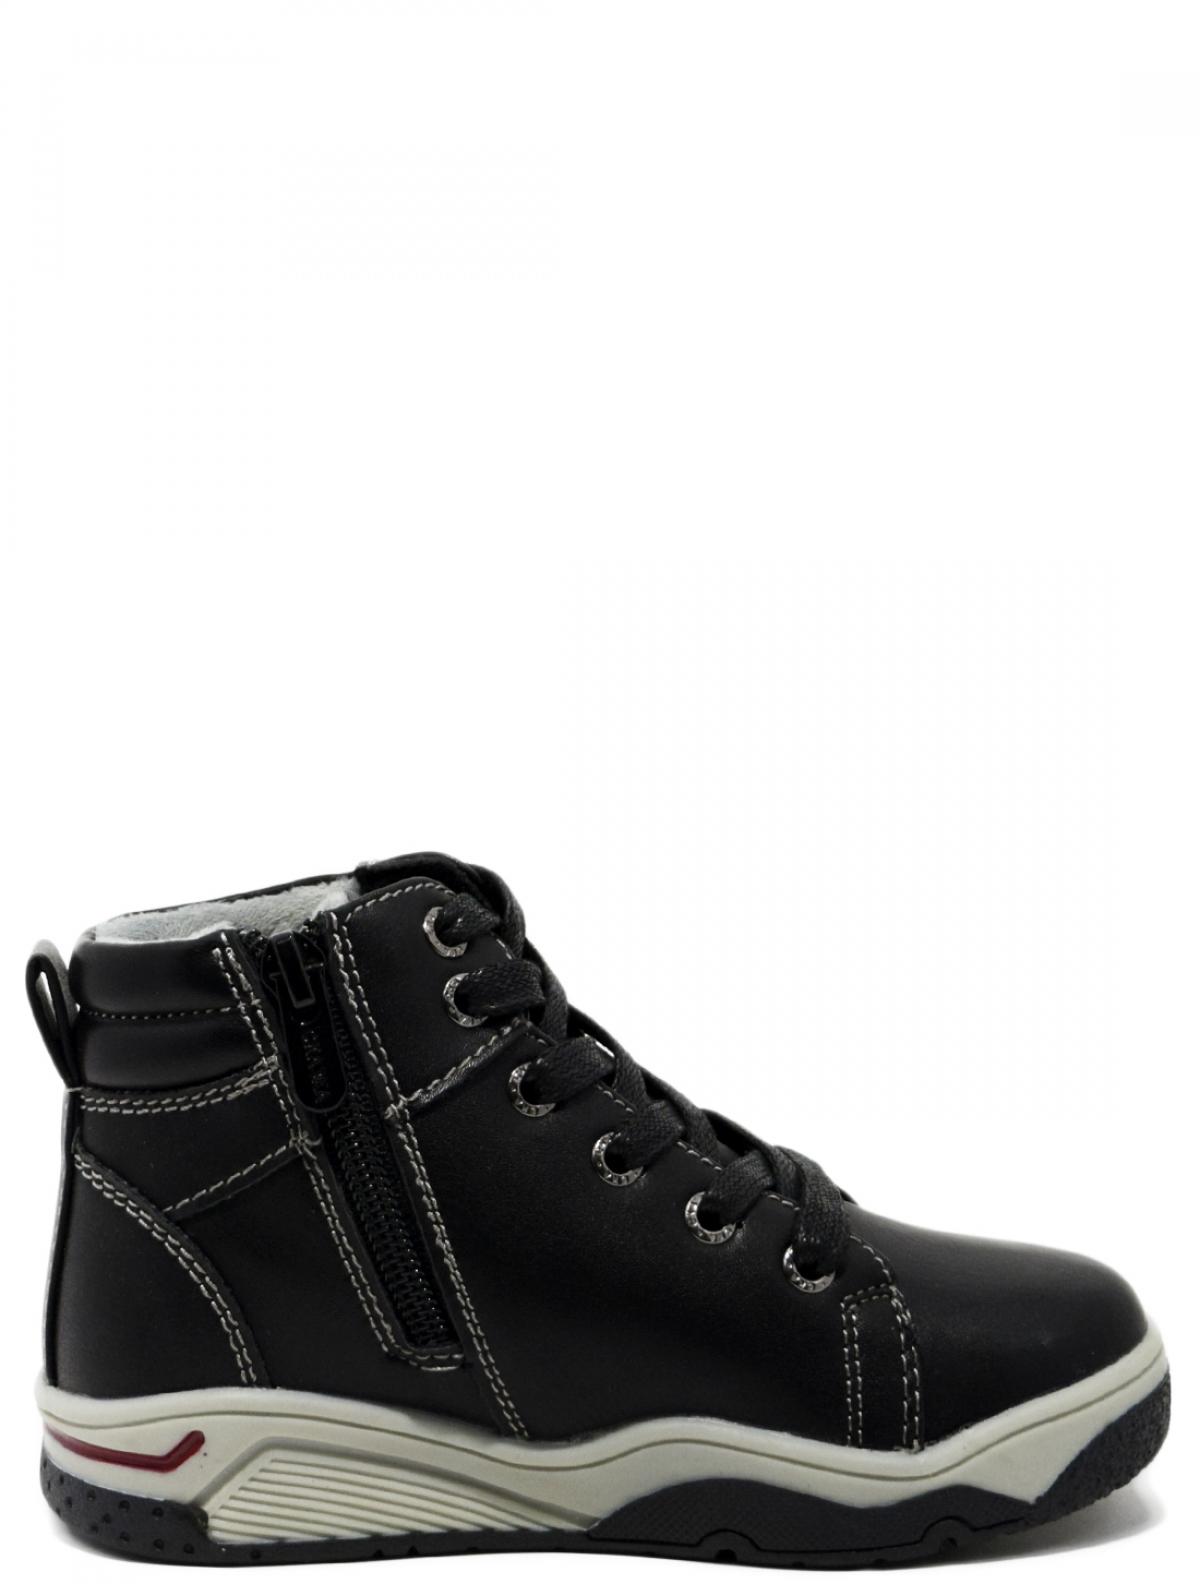 Сказка R528335885 детские ботинки